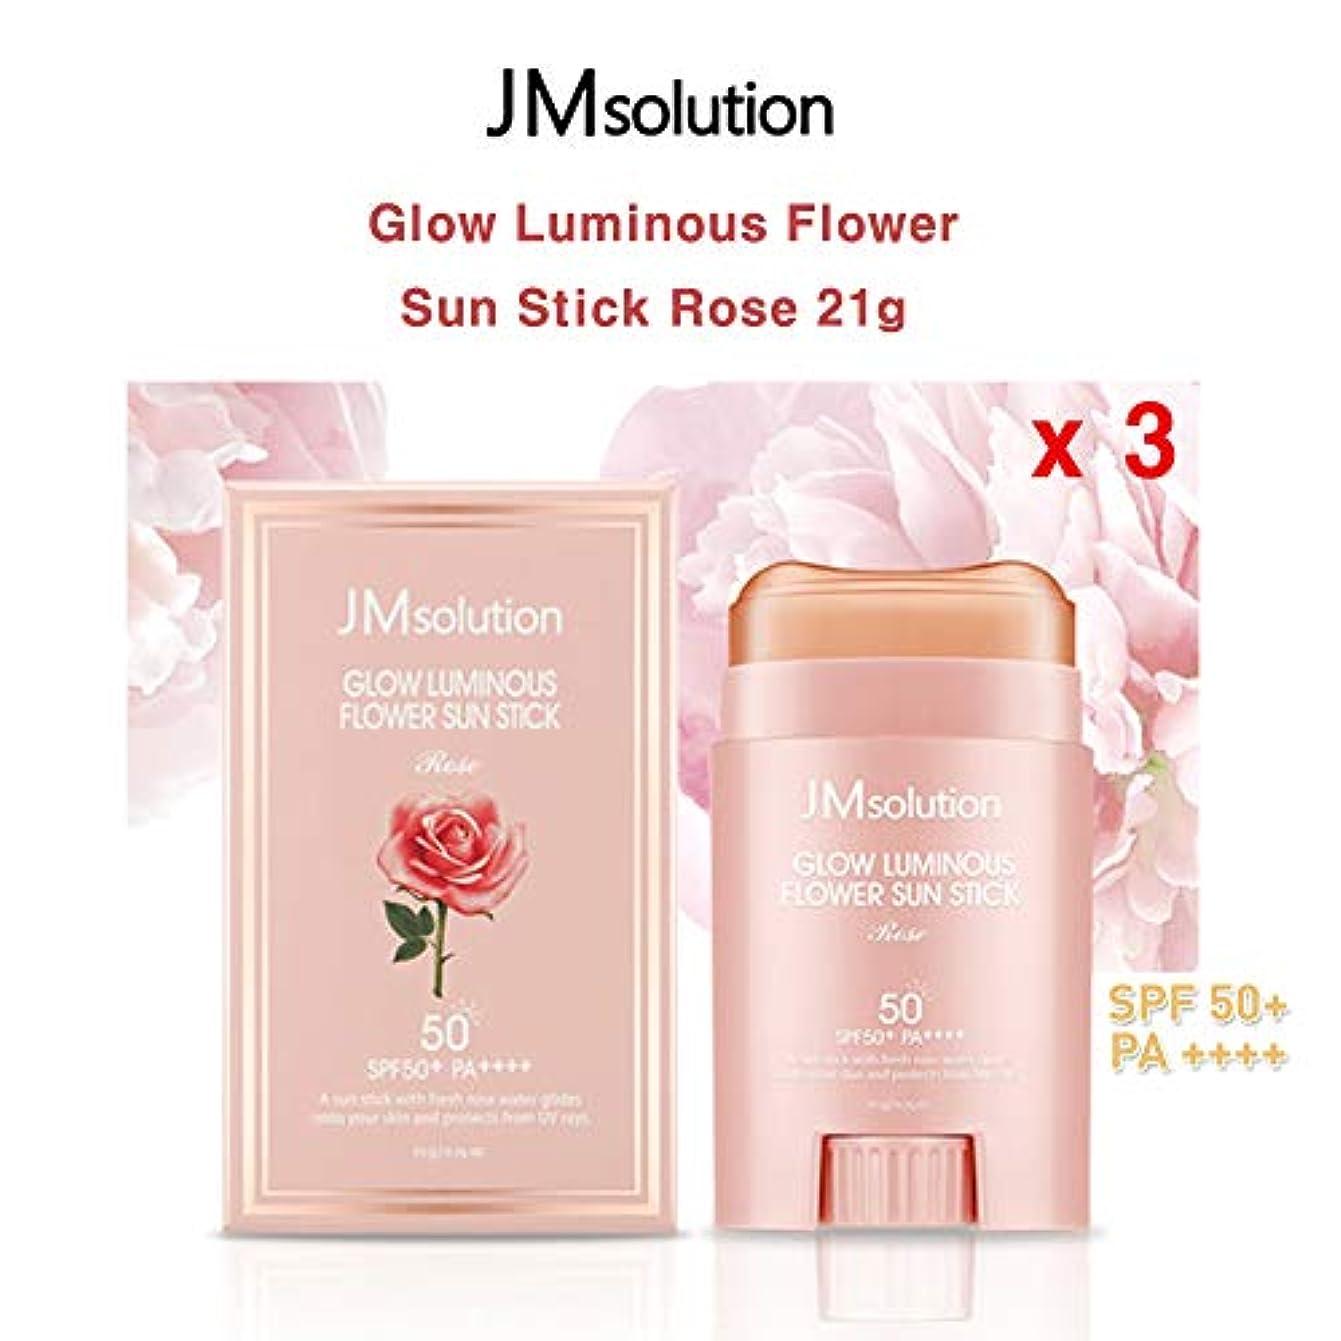 農業のサラダ下に向けますJM Solution ★1+1+1★ Glow Luminous Flower Sun Stick Rose 21g (spf50 PA) 光る輝く花Sun Stick Rose